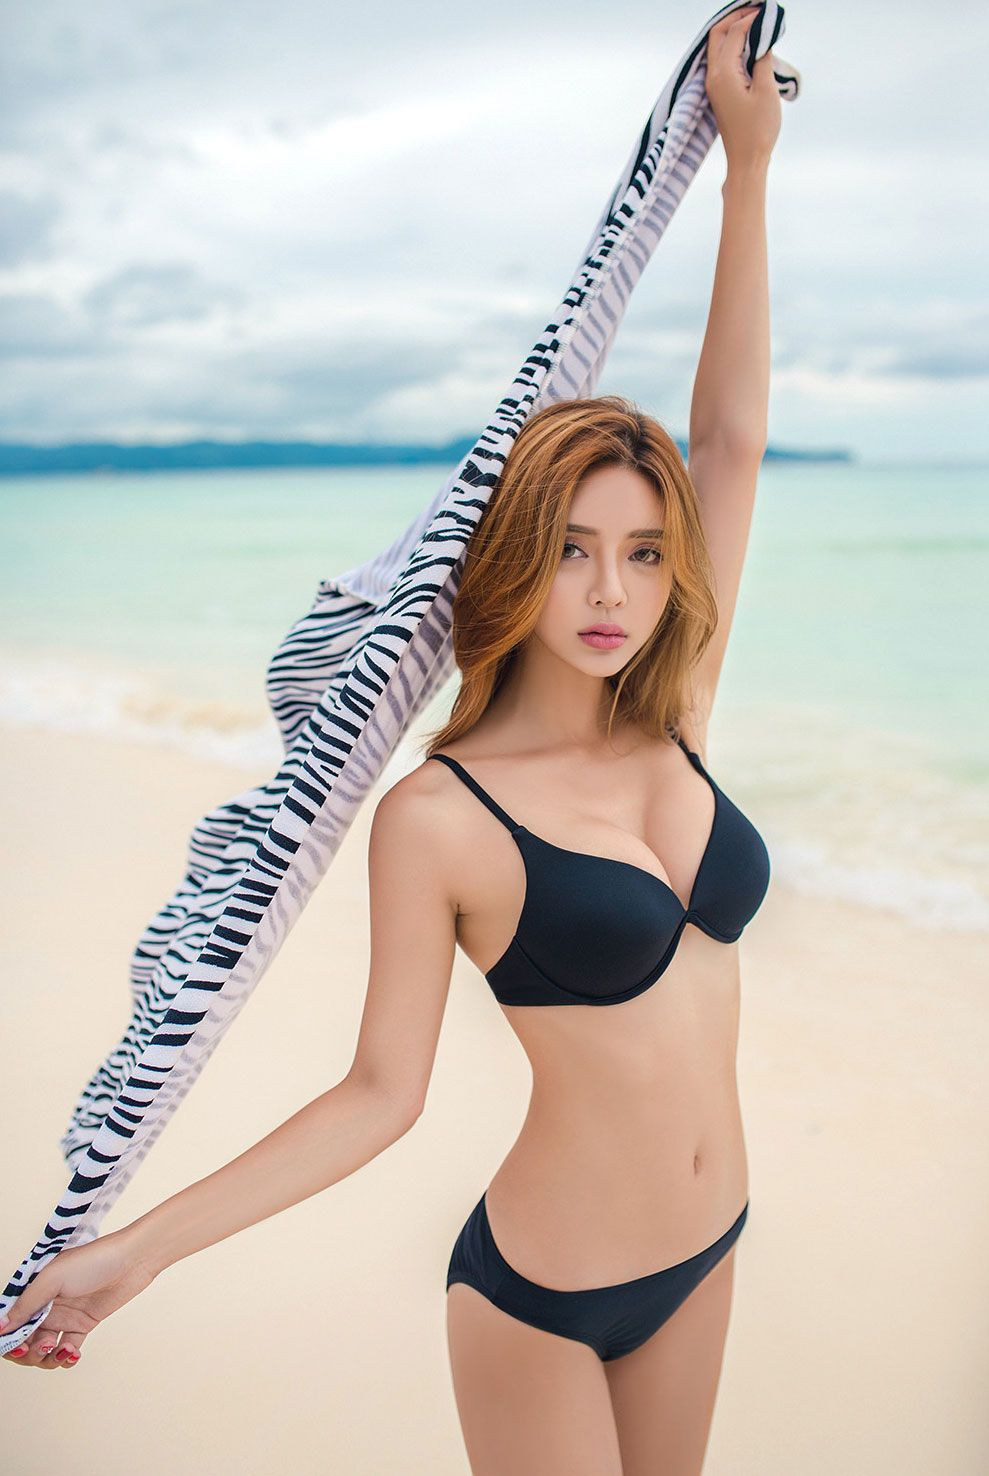 韩国黄金比例泳装美女比基尼美图集合\金宝岚泳装比基尼\金宝岚